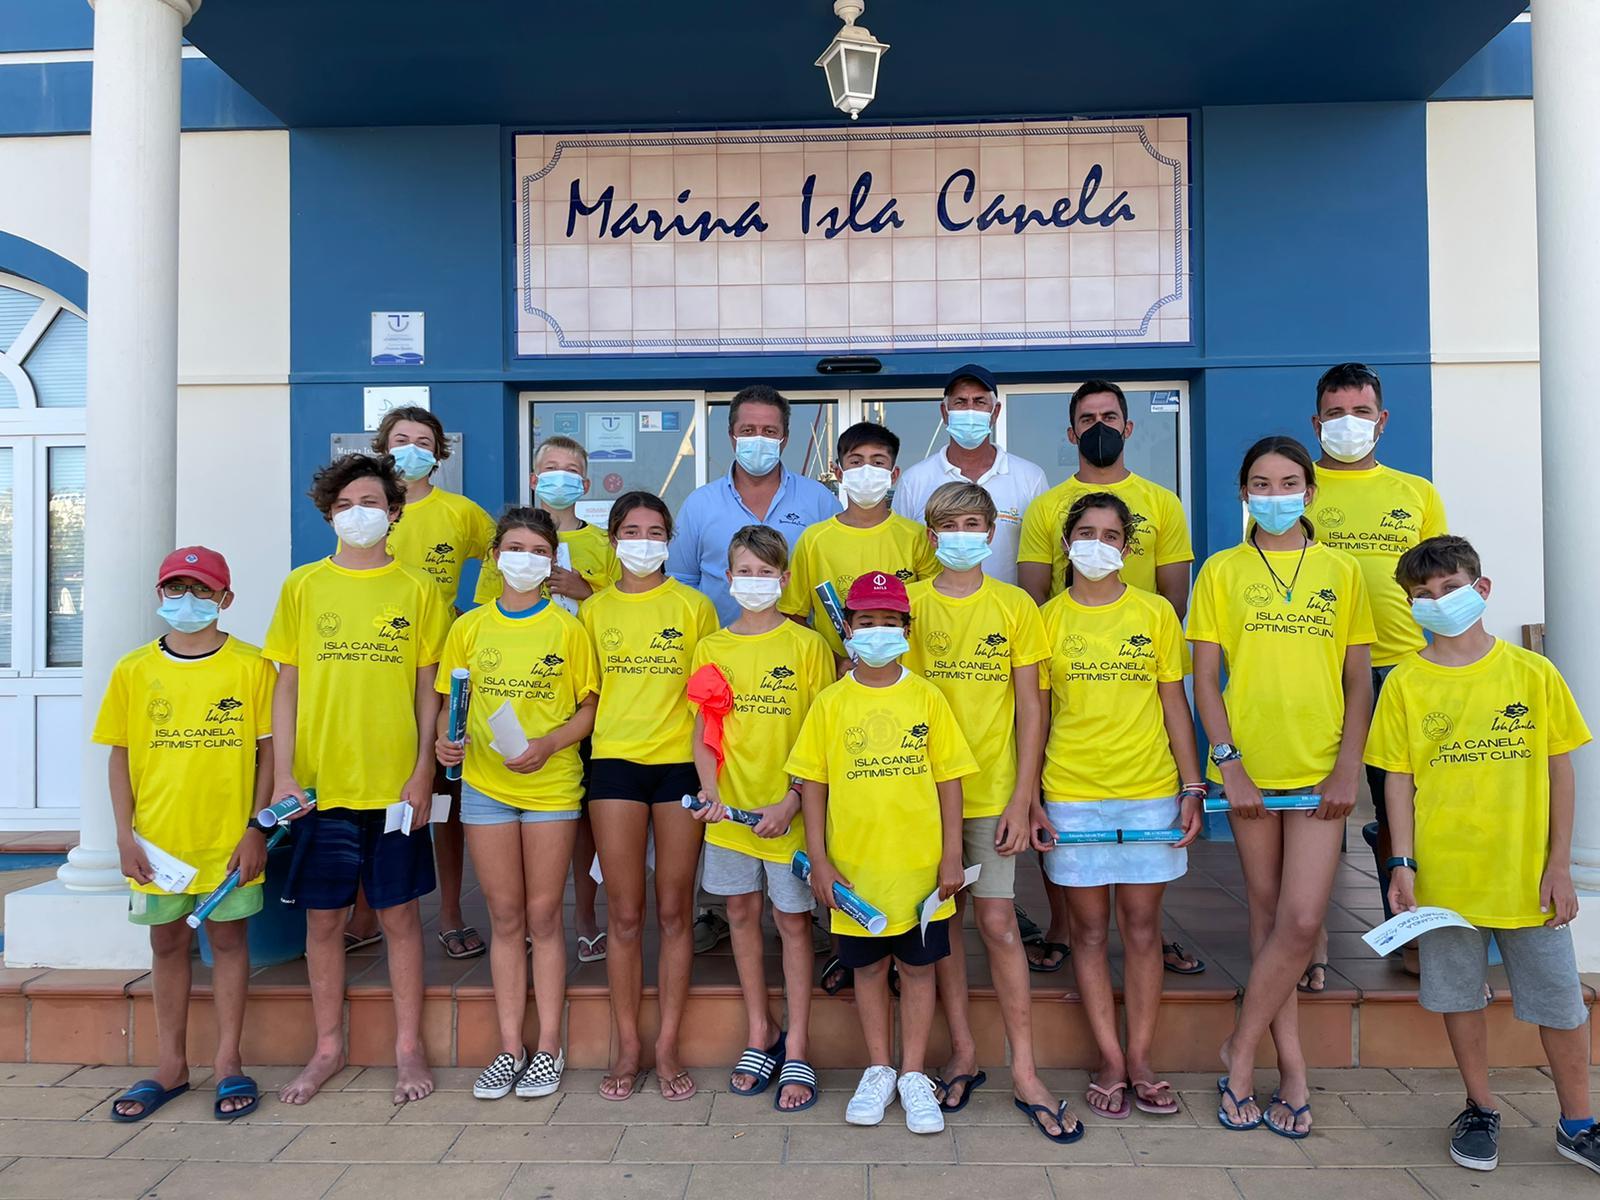 Isla Canela Optimist Clinic